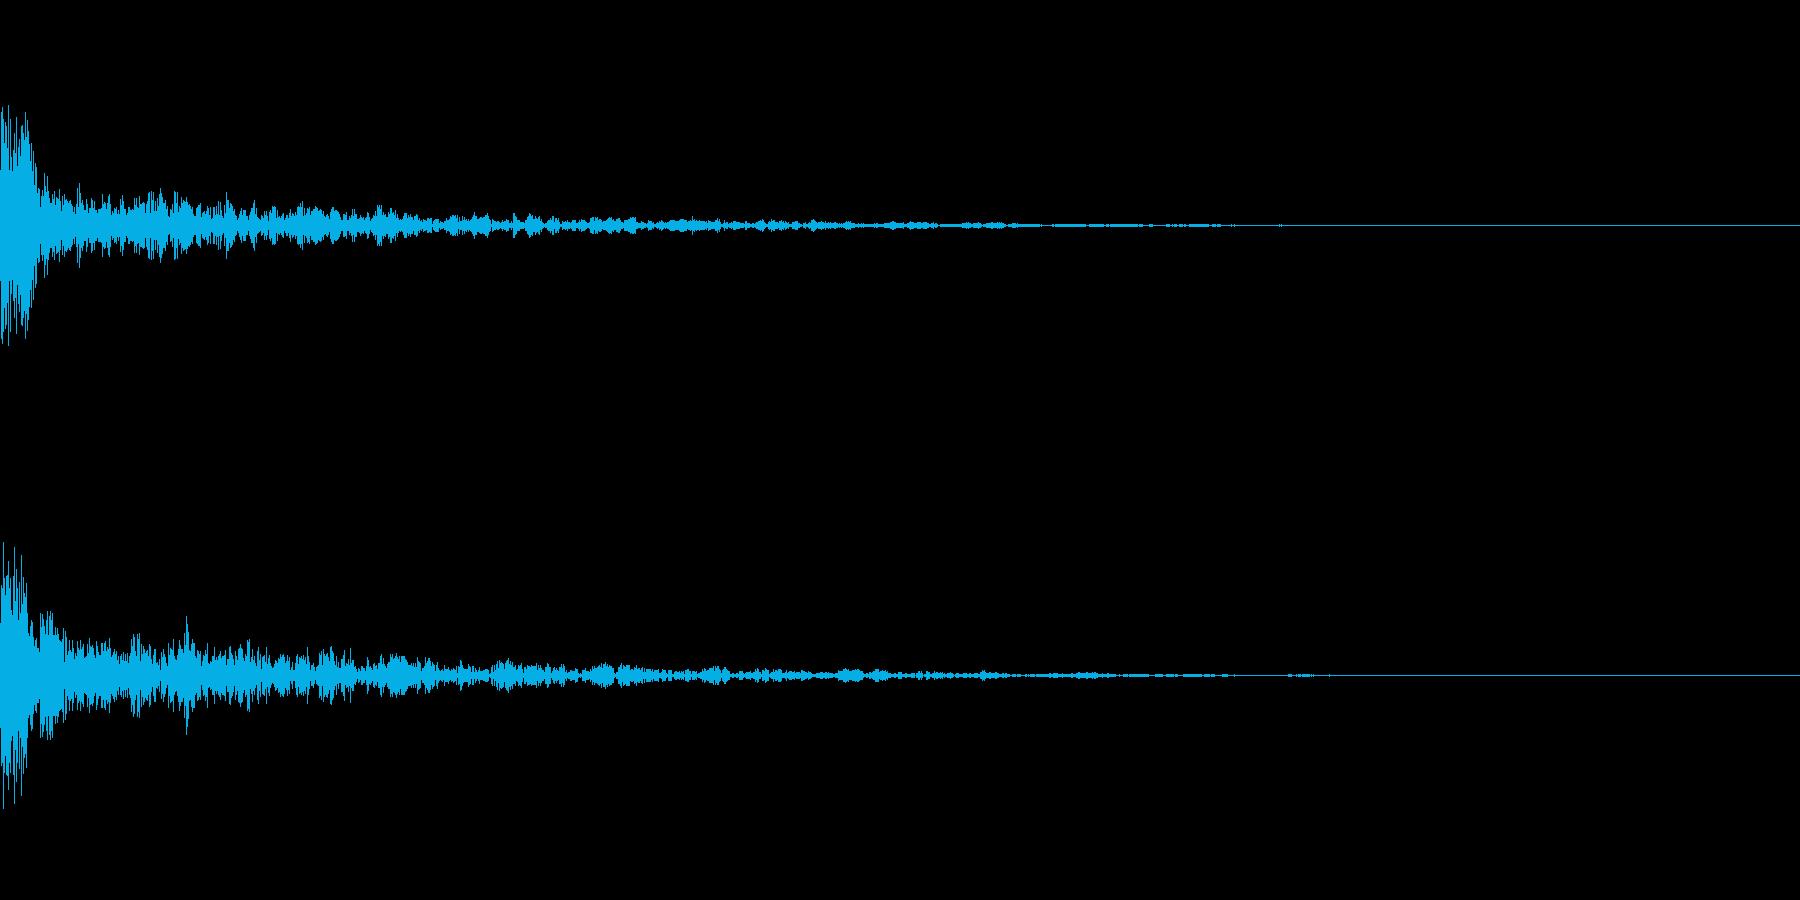 ドーン-33-1(インパクト音)の再生済みの波形